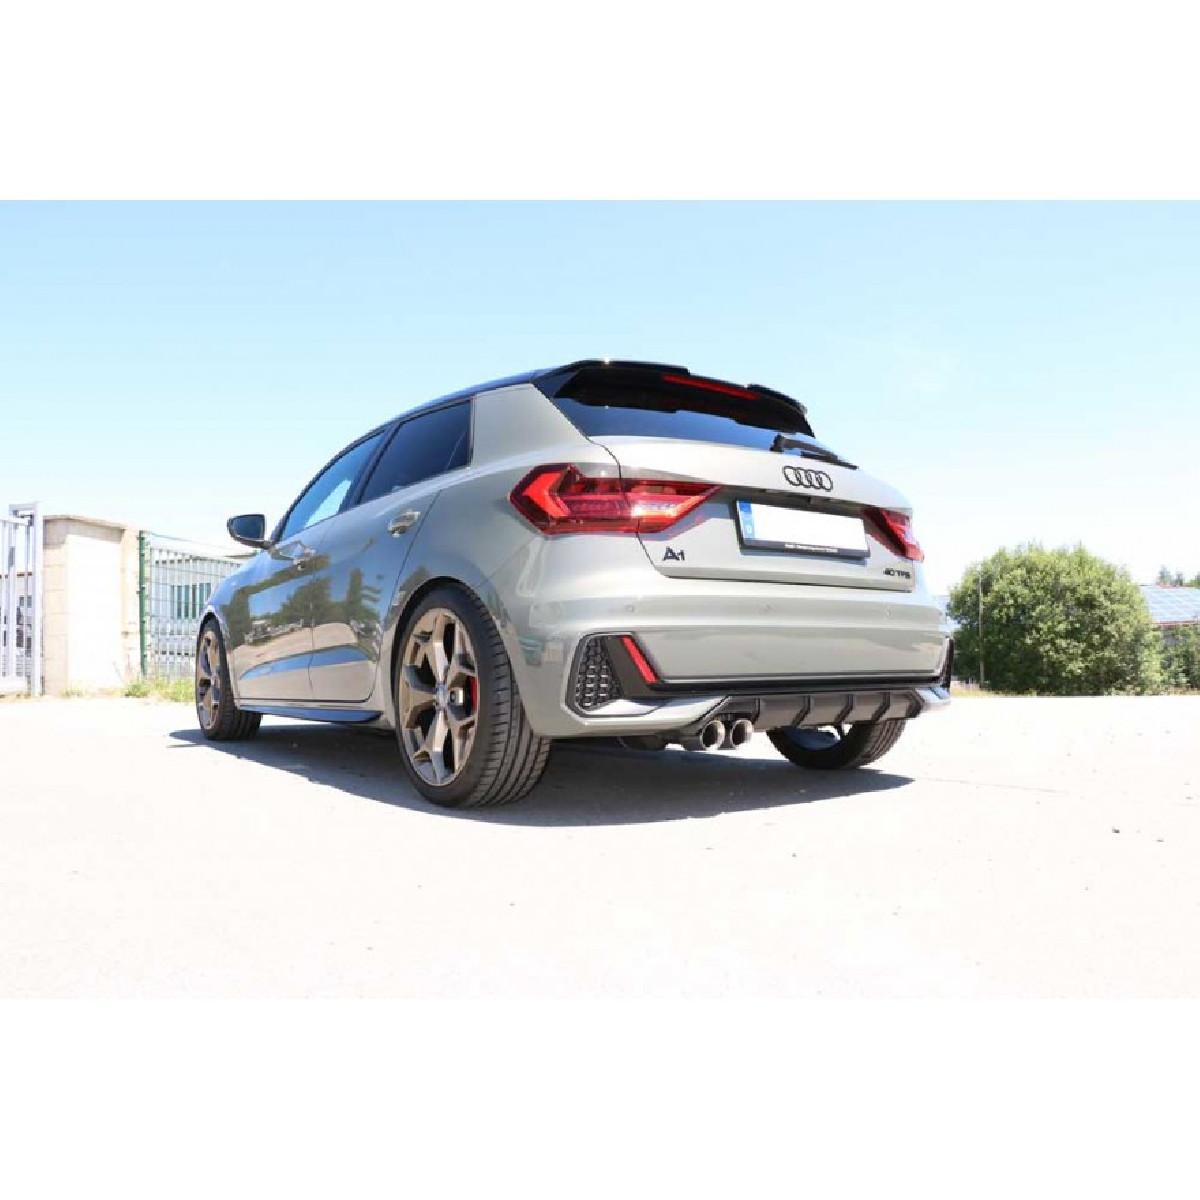 Audi A1 40TFSI Endschalldämpfer - 2x76